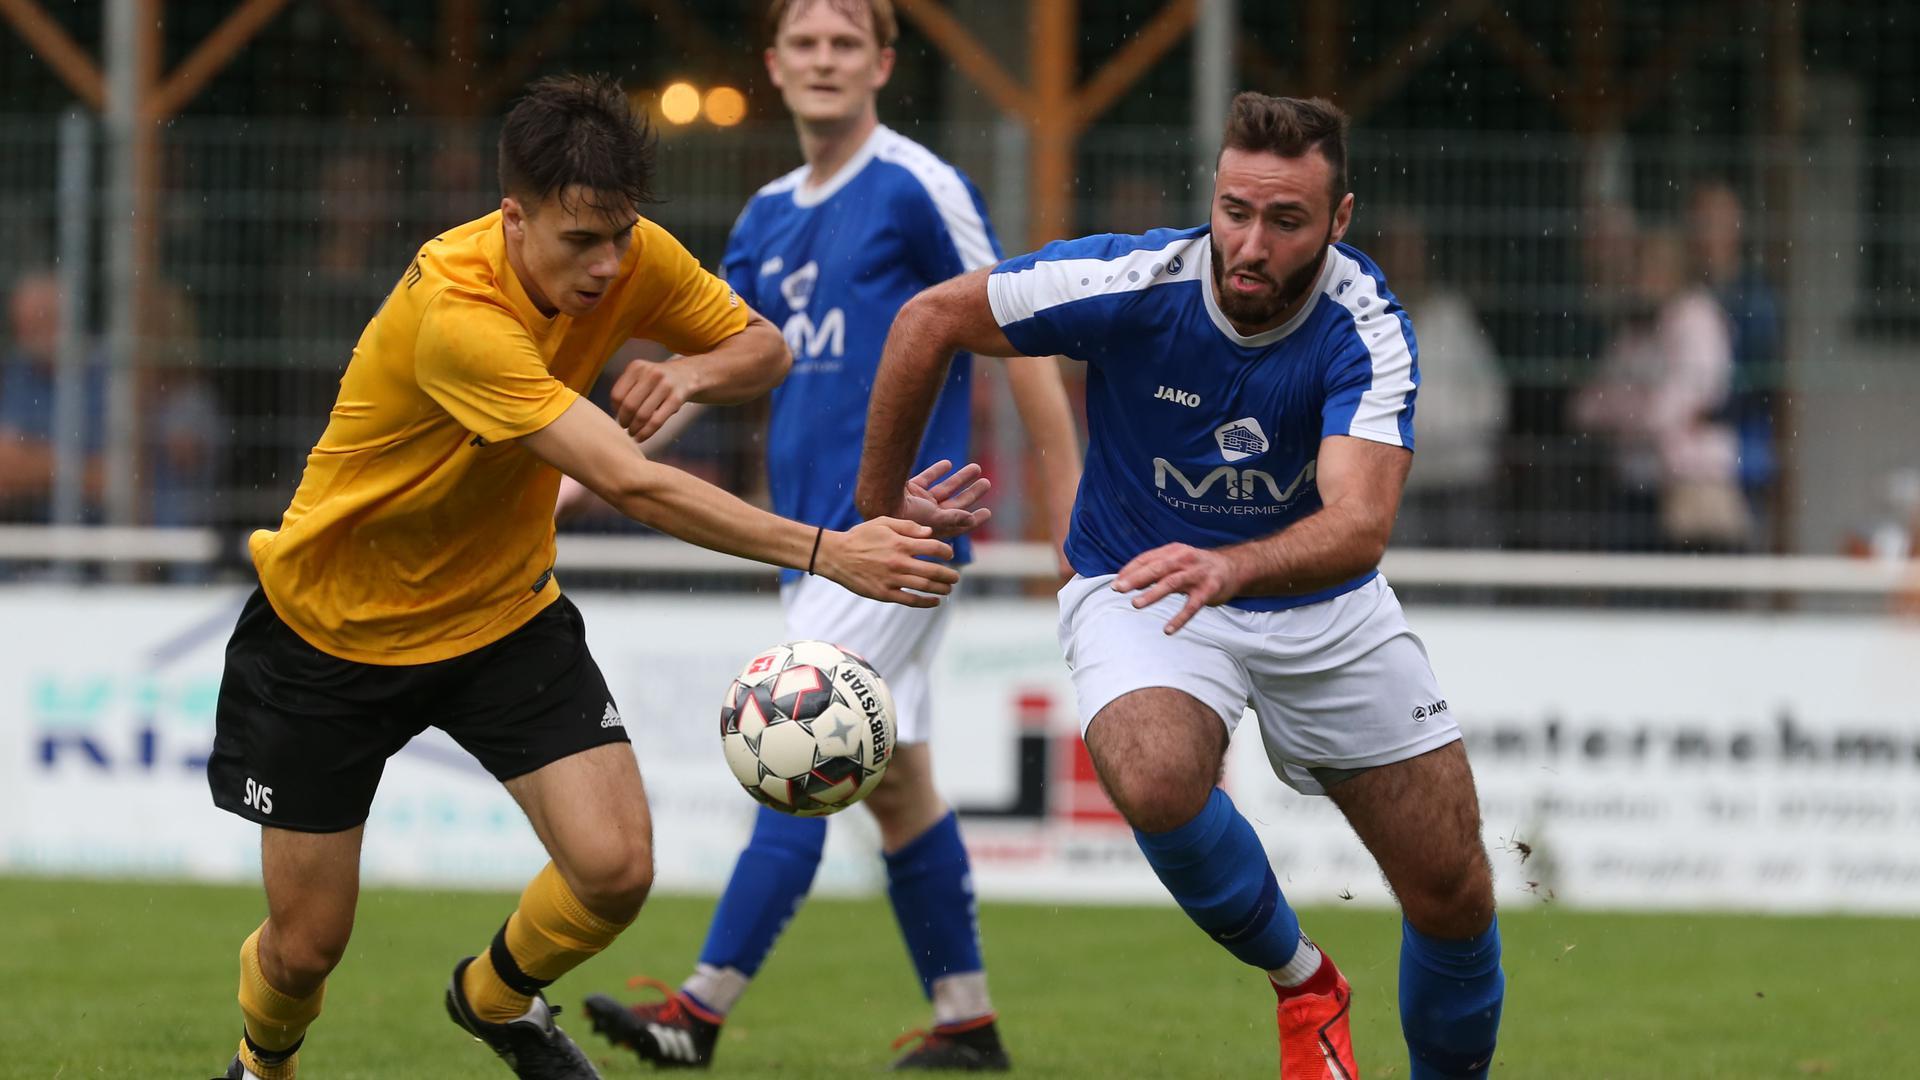 Aufstieg als Saisonziel: Patrick Kist (rechts) und der FC Neuweier streben in der Kreisliga B2 einen der Top-Plätze an. In der vergangenen Saison erreichte Neuweier den dritten Platz.